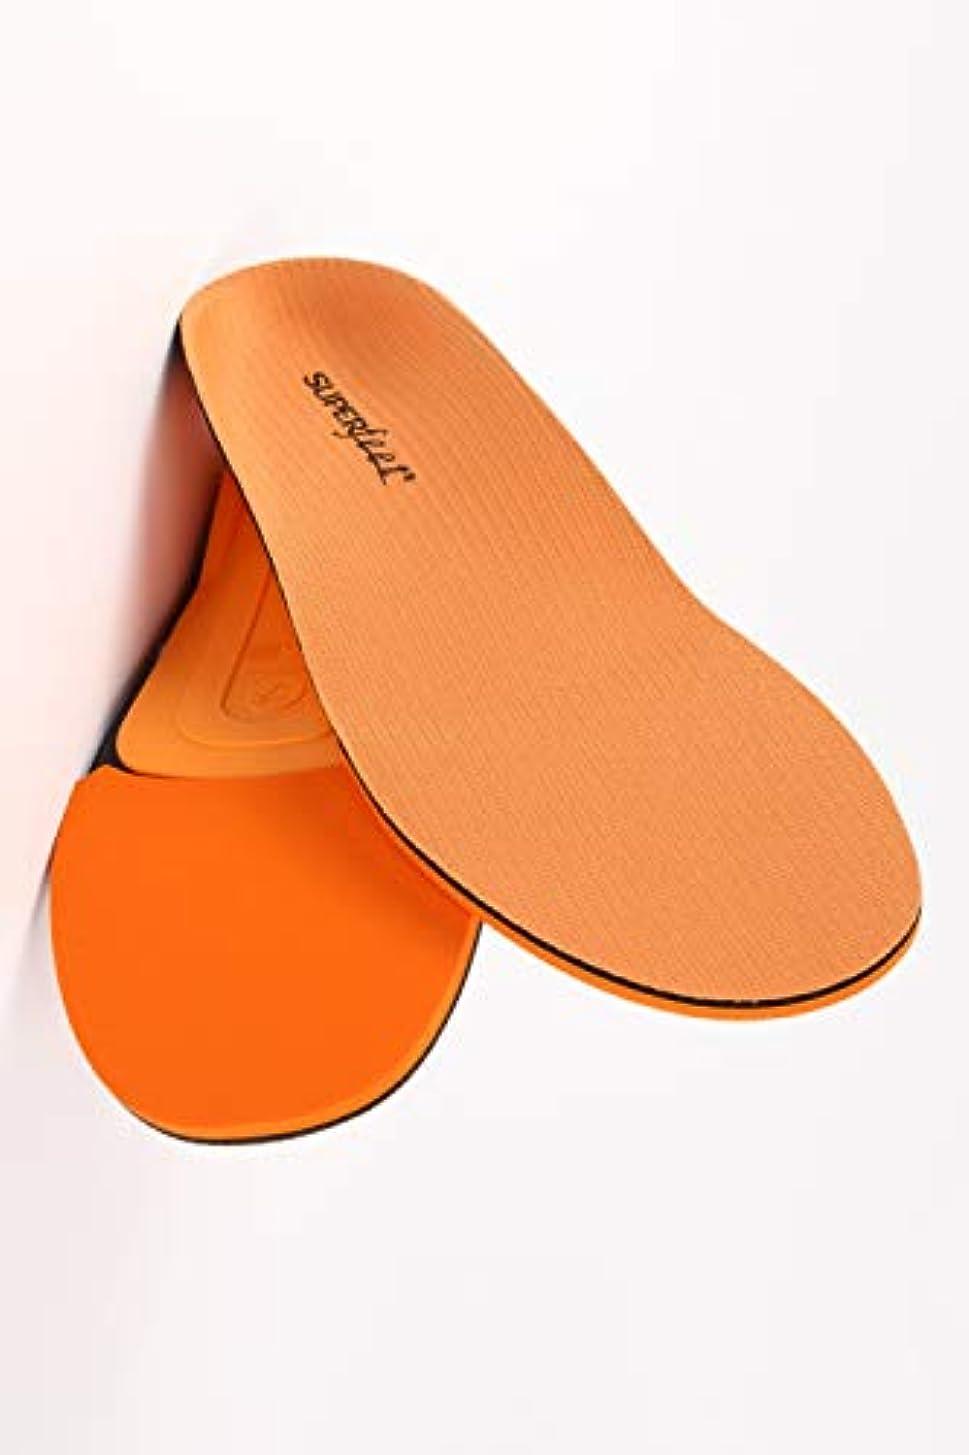 没頭する環境保護主義者錆びSUPER feet [ TRIM FIT ORANGE ] スーパーフィート インソール トリムフィット オレンジ